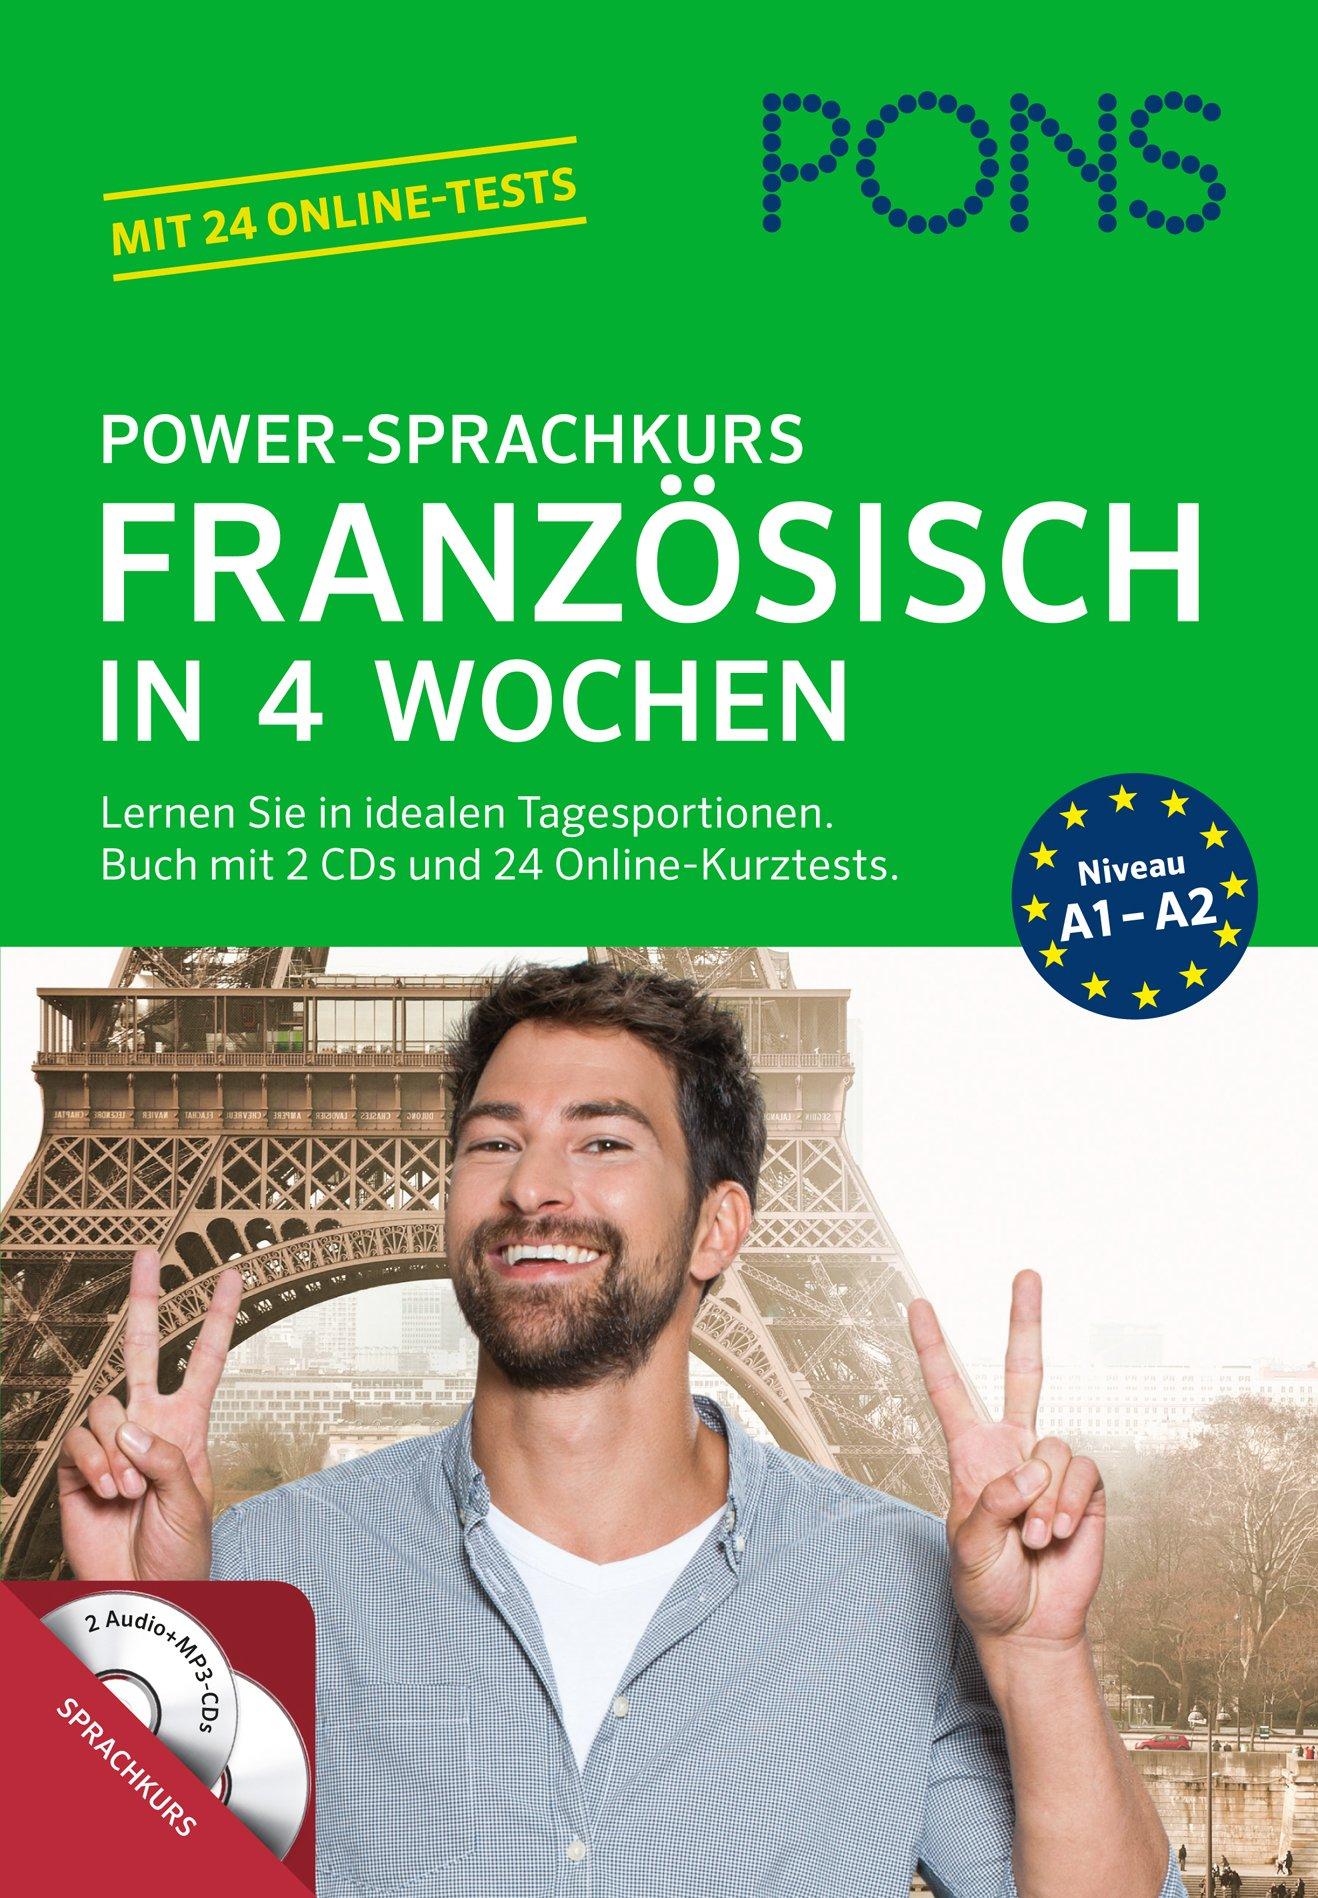 PONS Power-Sprachkurs Französisch in 4 Wochen: Lernen Sie in idealen Tagesportionen. Buch mit 2 CDs und 24 Online-Kurztests